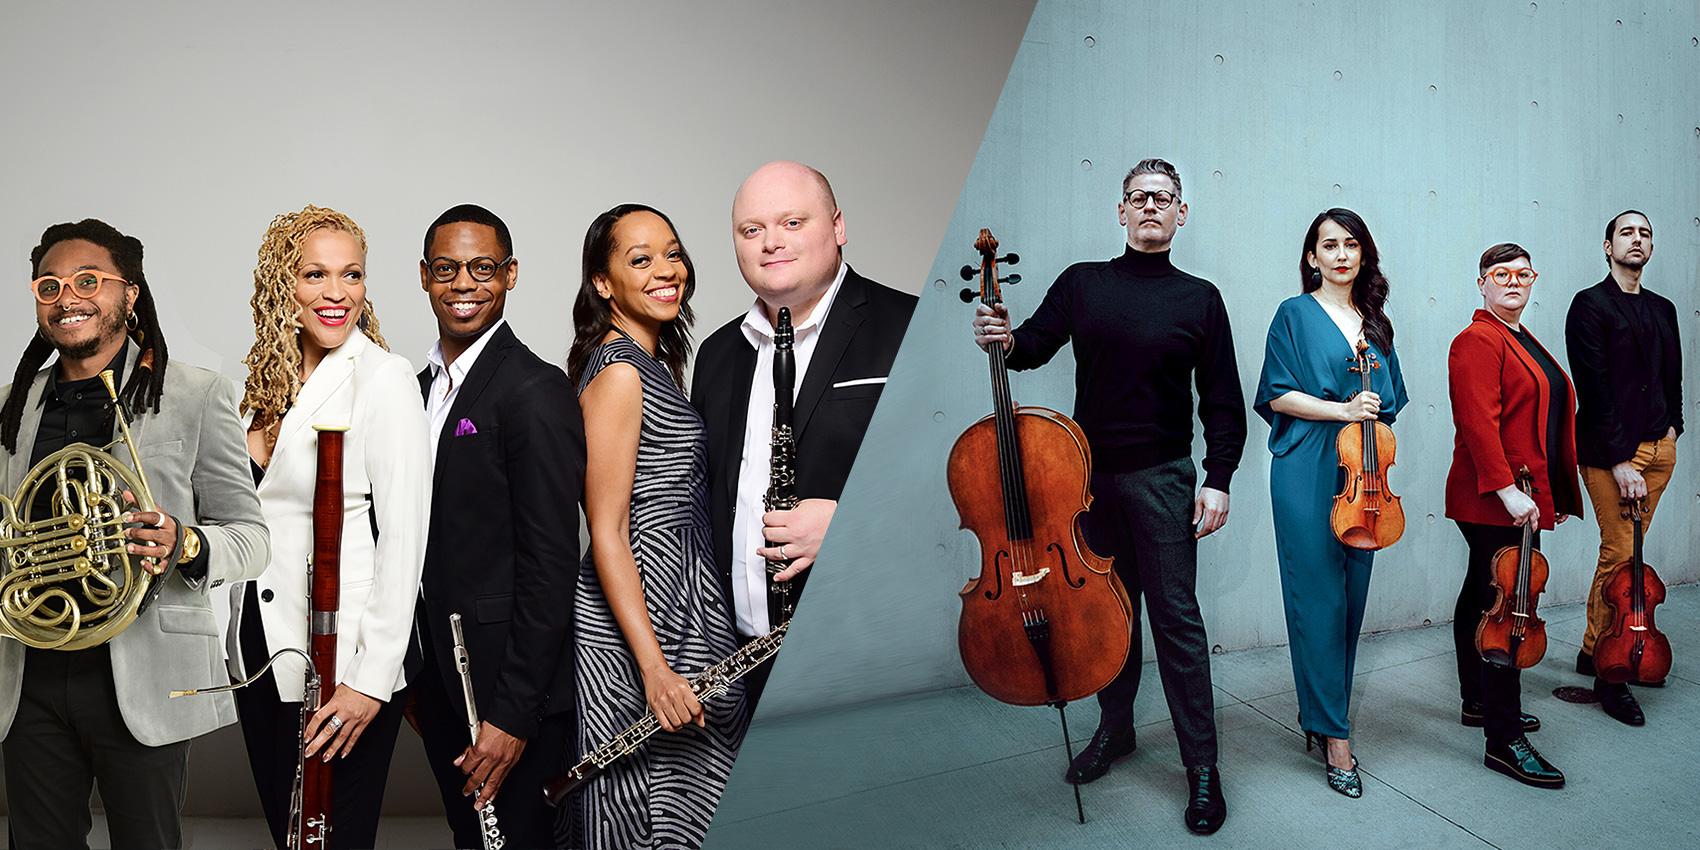 Imani Winds & Catalyst Quartet